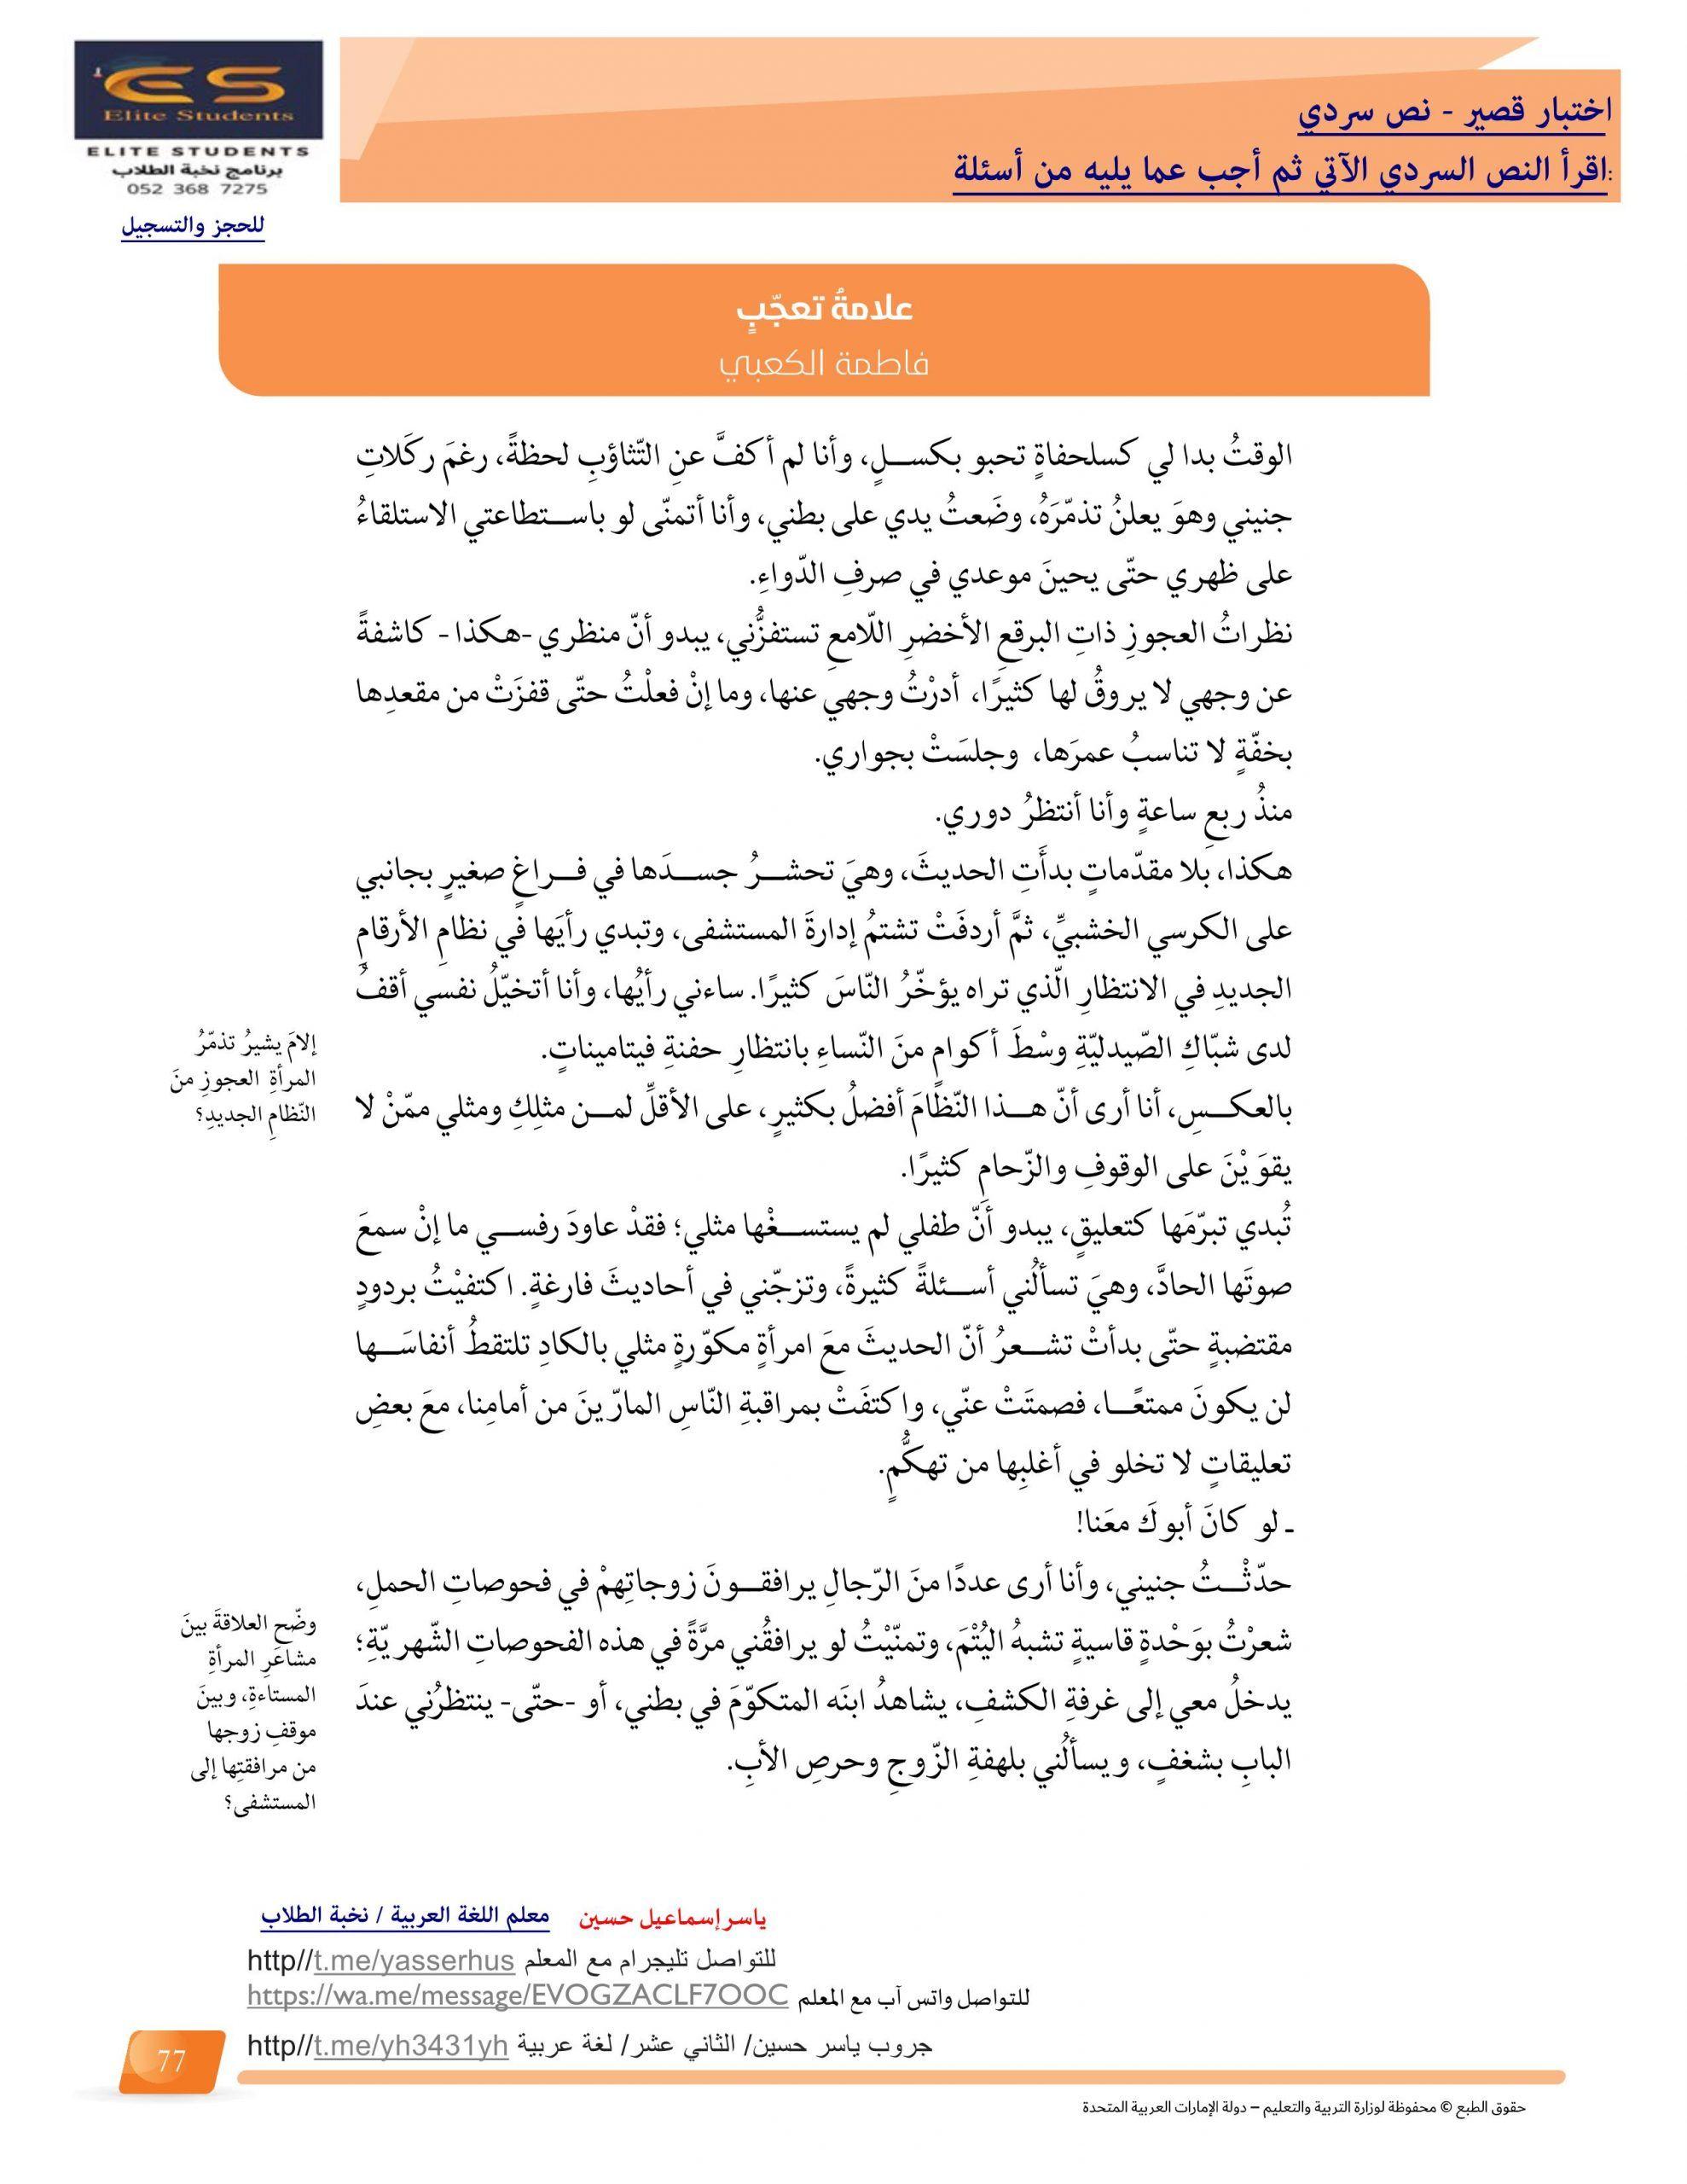 اختبار قصير درس علامة التعجب للصف الثاني عشر مادة اللغة العربية